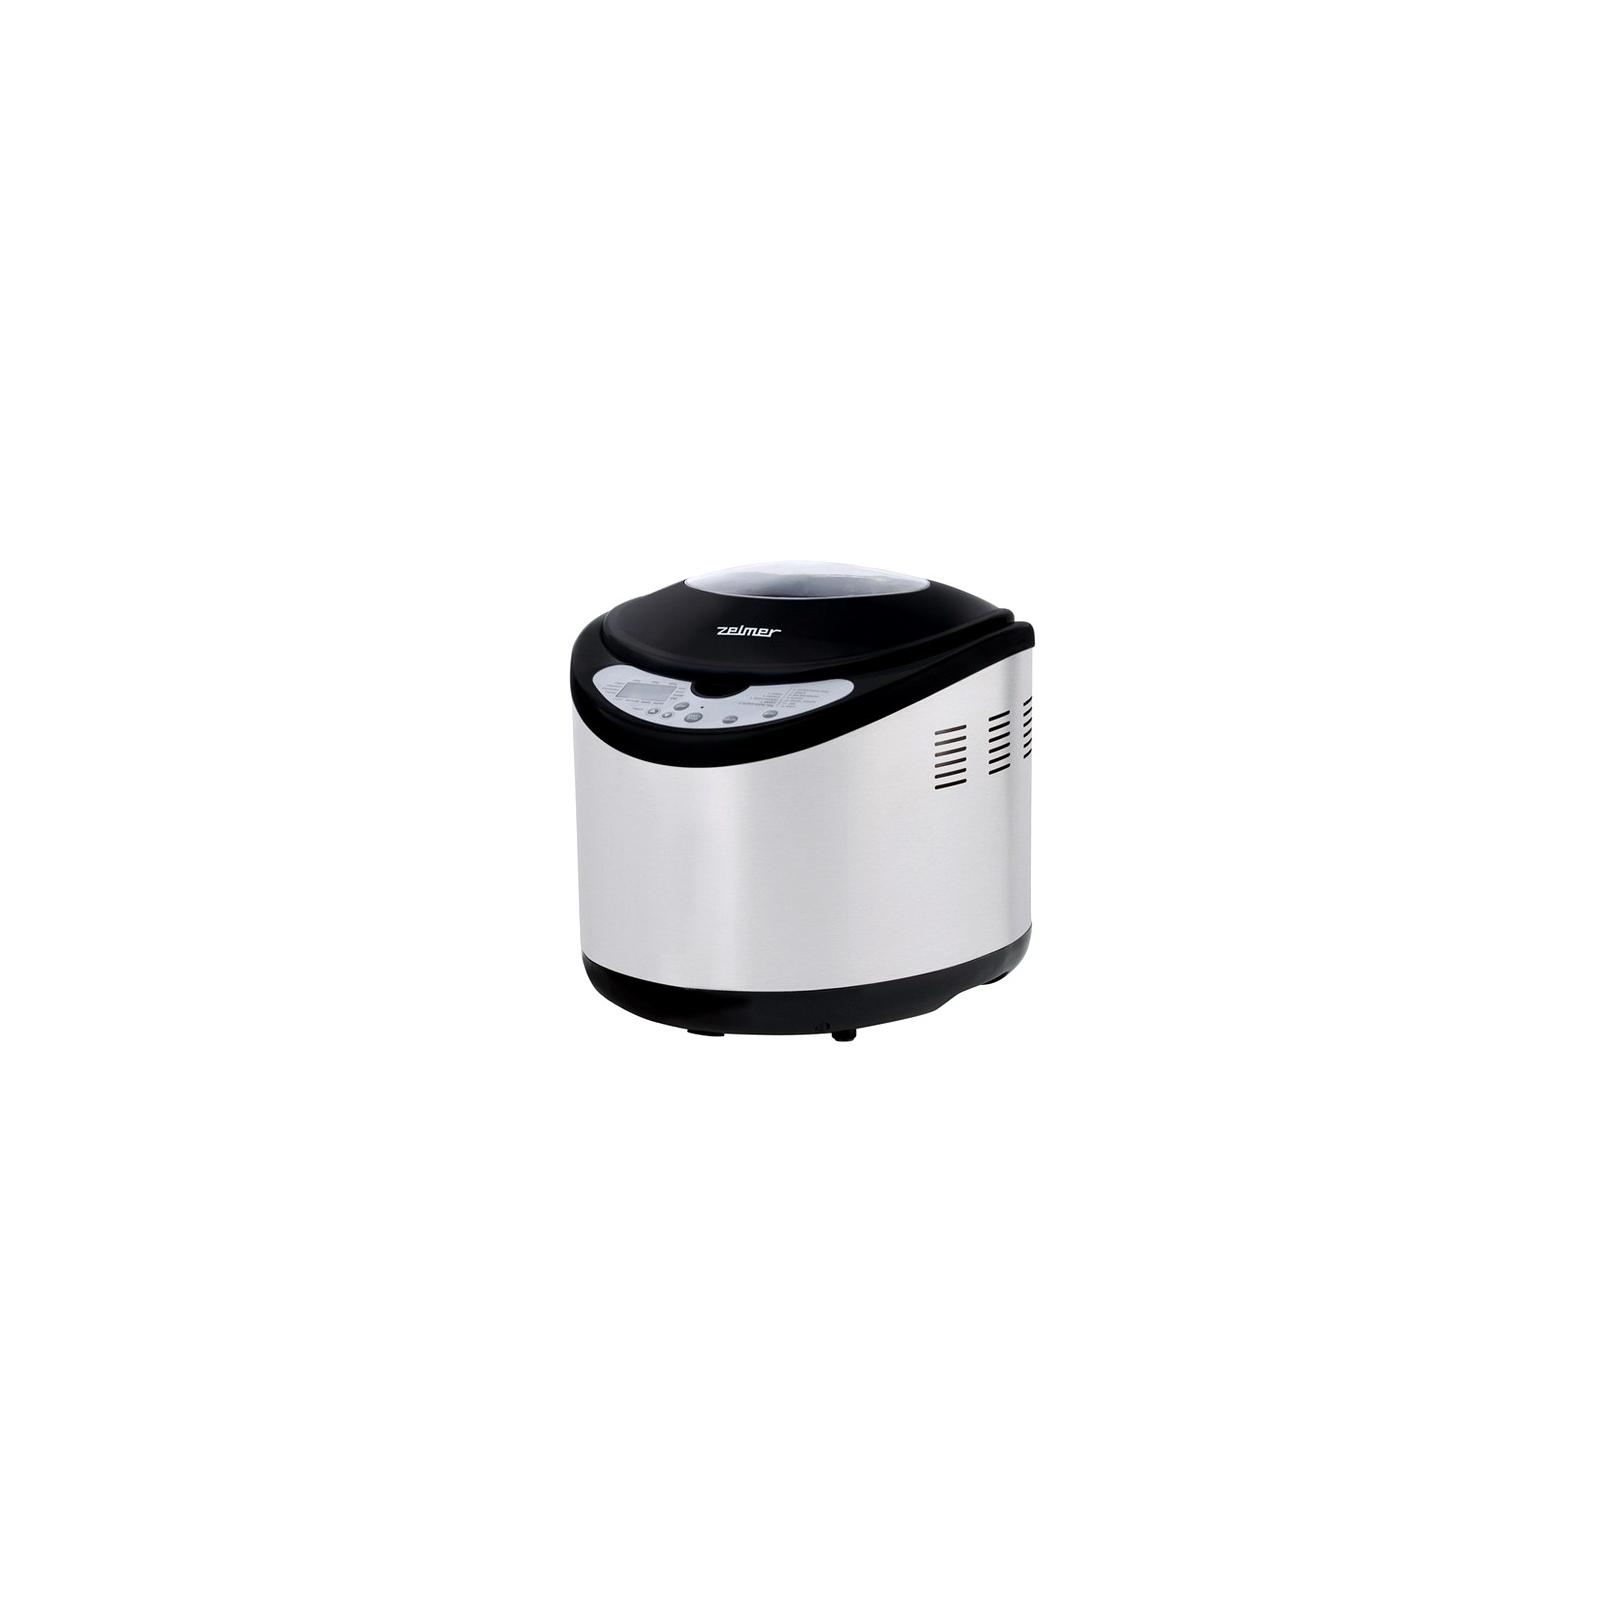 Хлебопечь Zelmer 43Z010